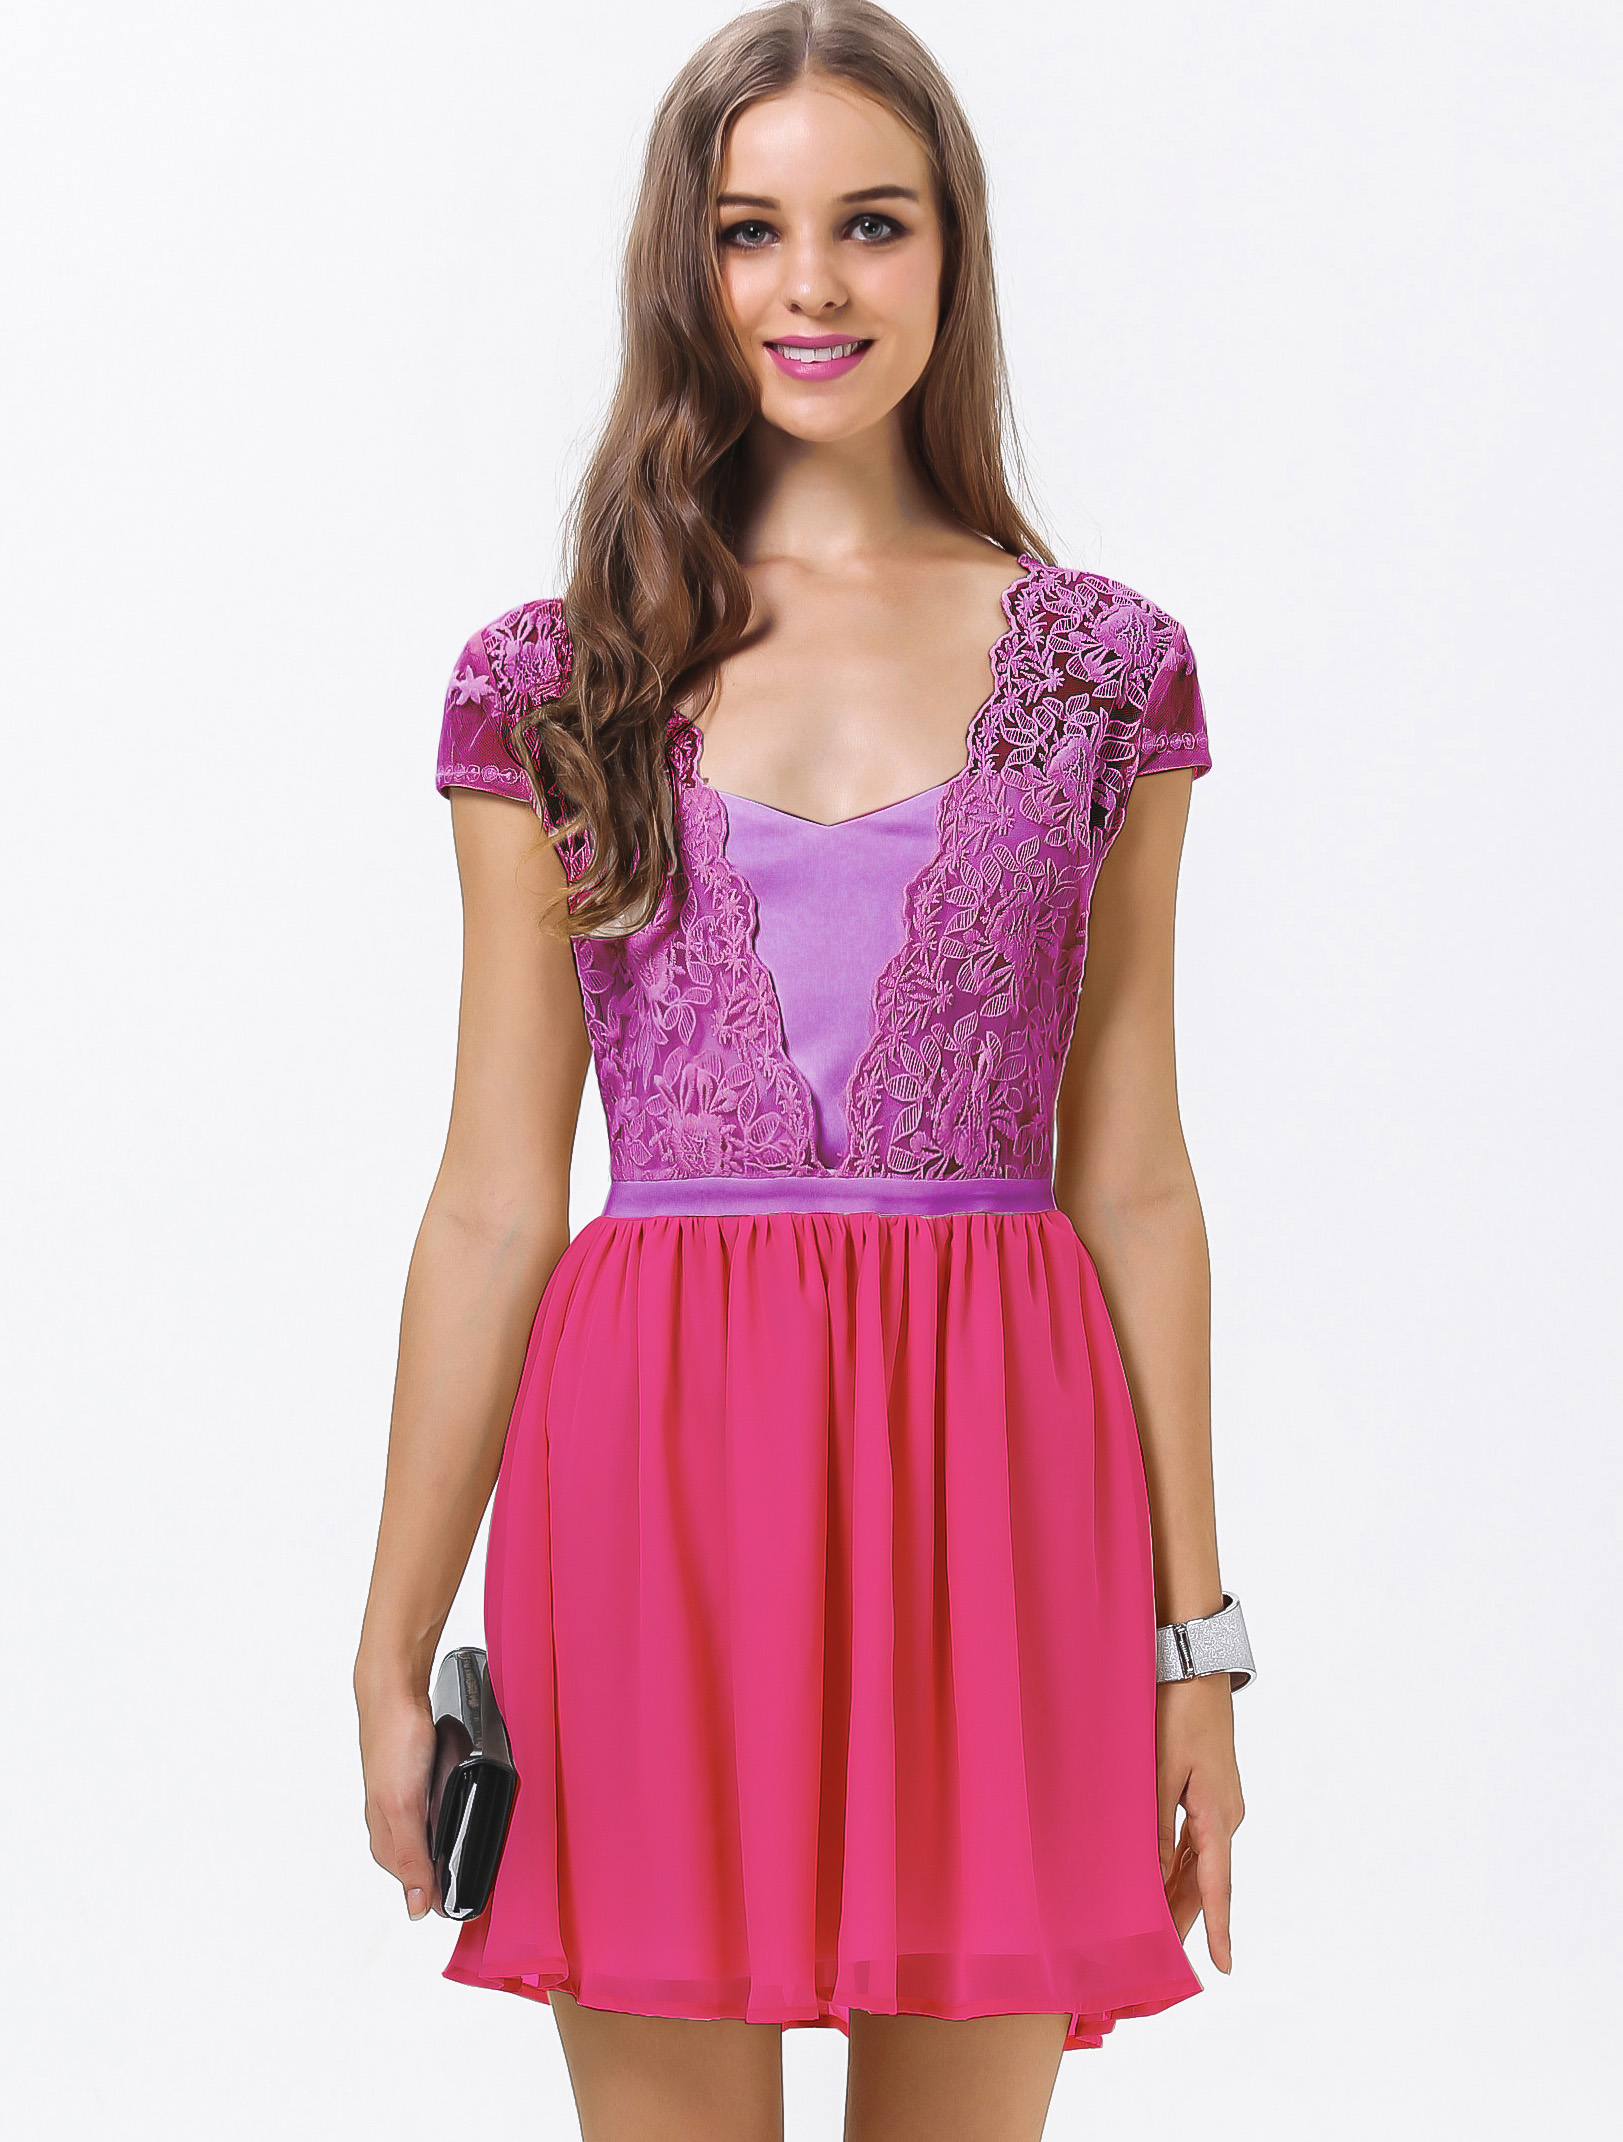 combinaciones-de-colores-feas-para-vestidos